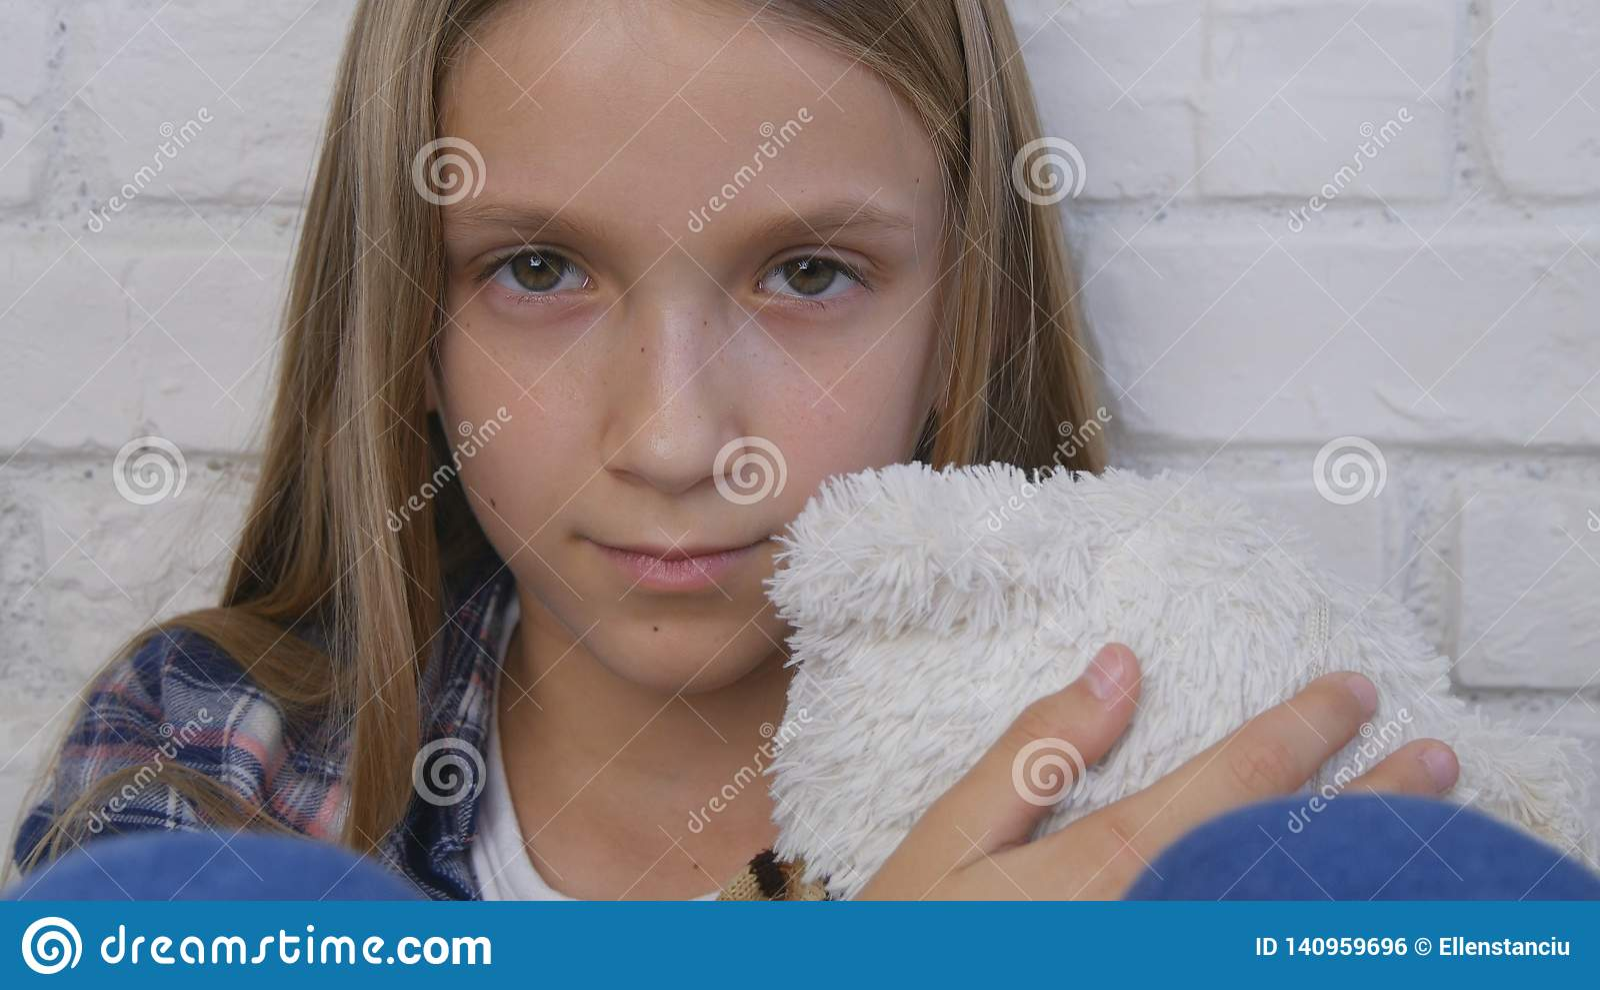 Enfant triste, enfant malheureux, fille malade malade dans la dépression, personne réfléchie soumise à une contrainte